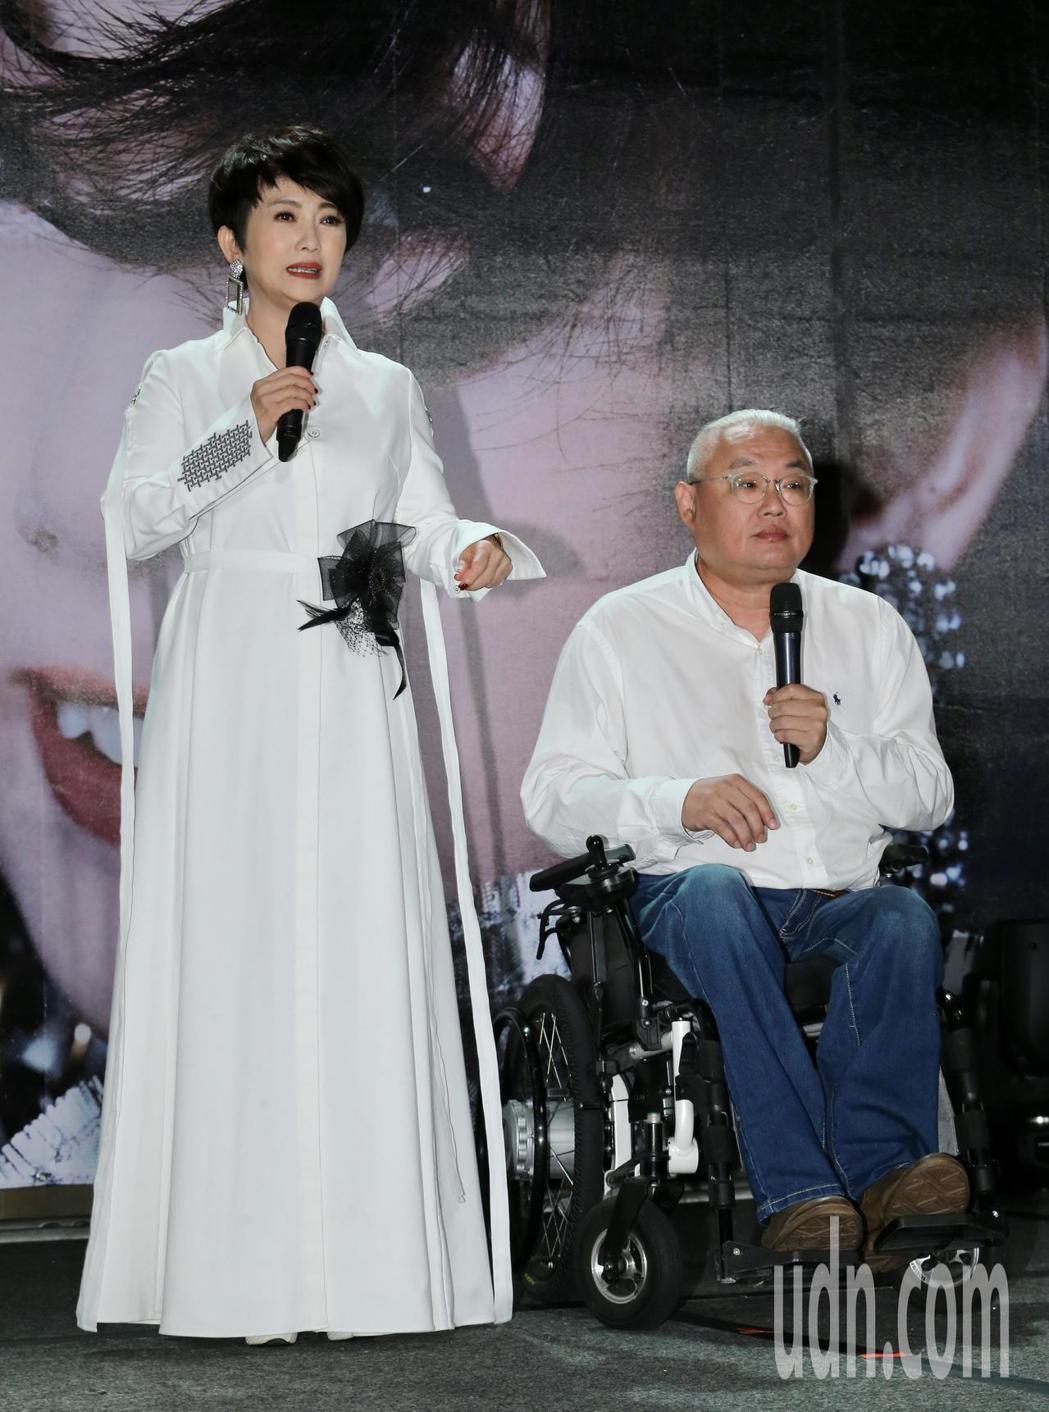 藝人周思潔(左)舉行「開麥」儀式,睽違樂壇24年再度開唱,導演范可欽(右)上台助...